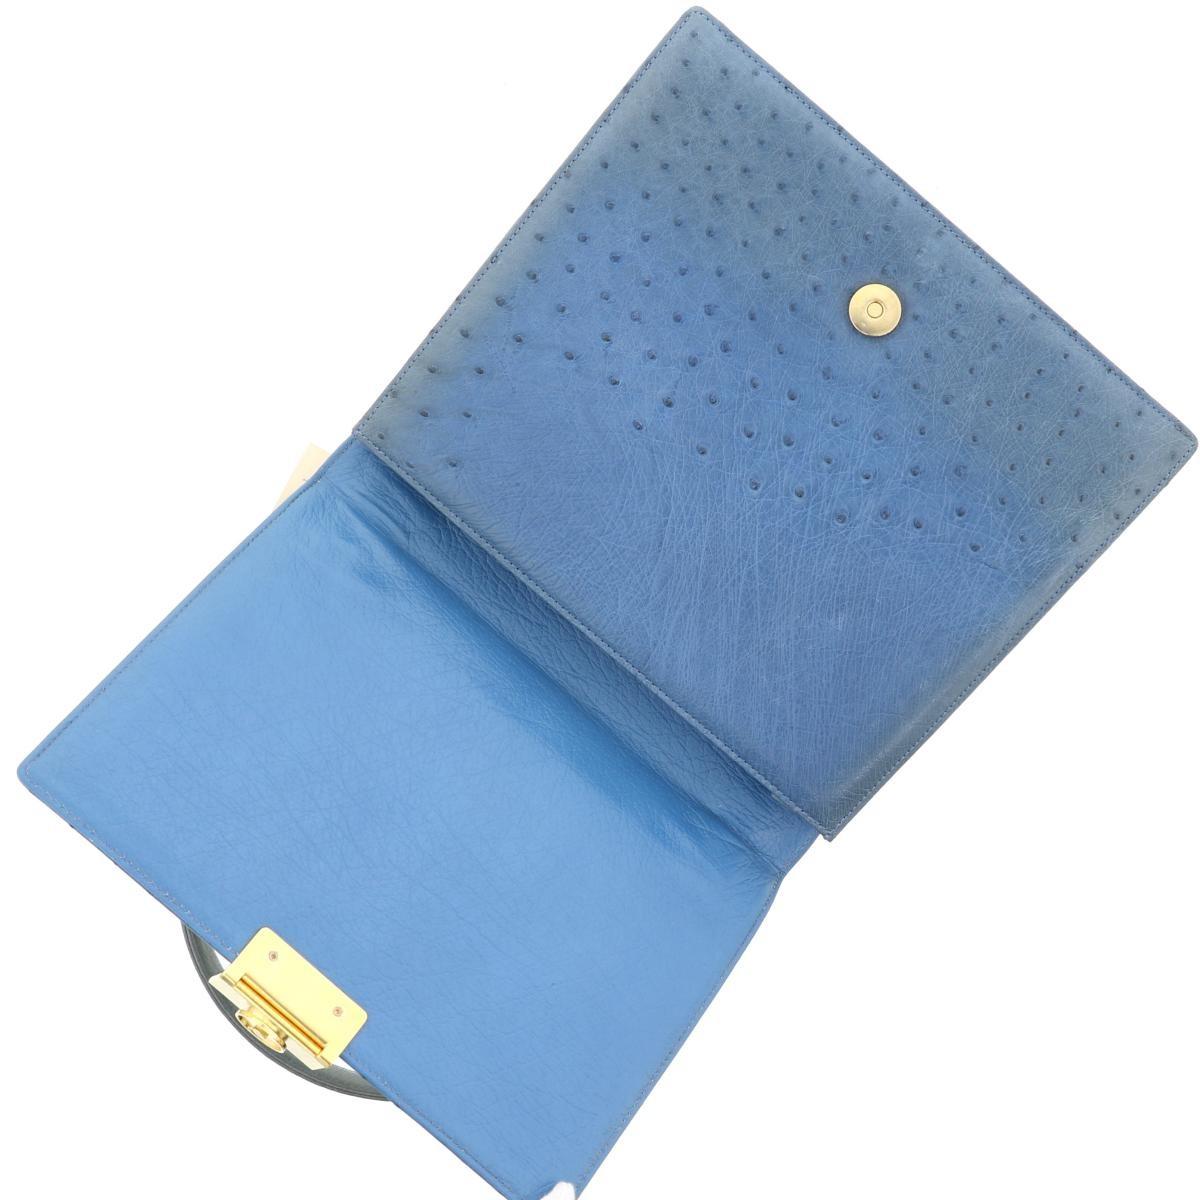 【中古】 ジバンシー オーストリッチハンドバッグ ブルー GIVENCHY OSTRICH PURSE BLUE